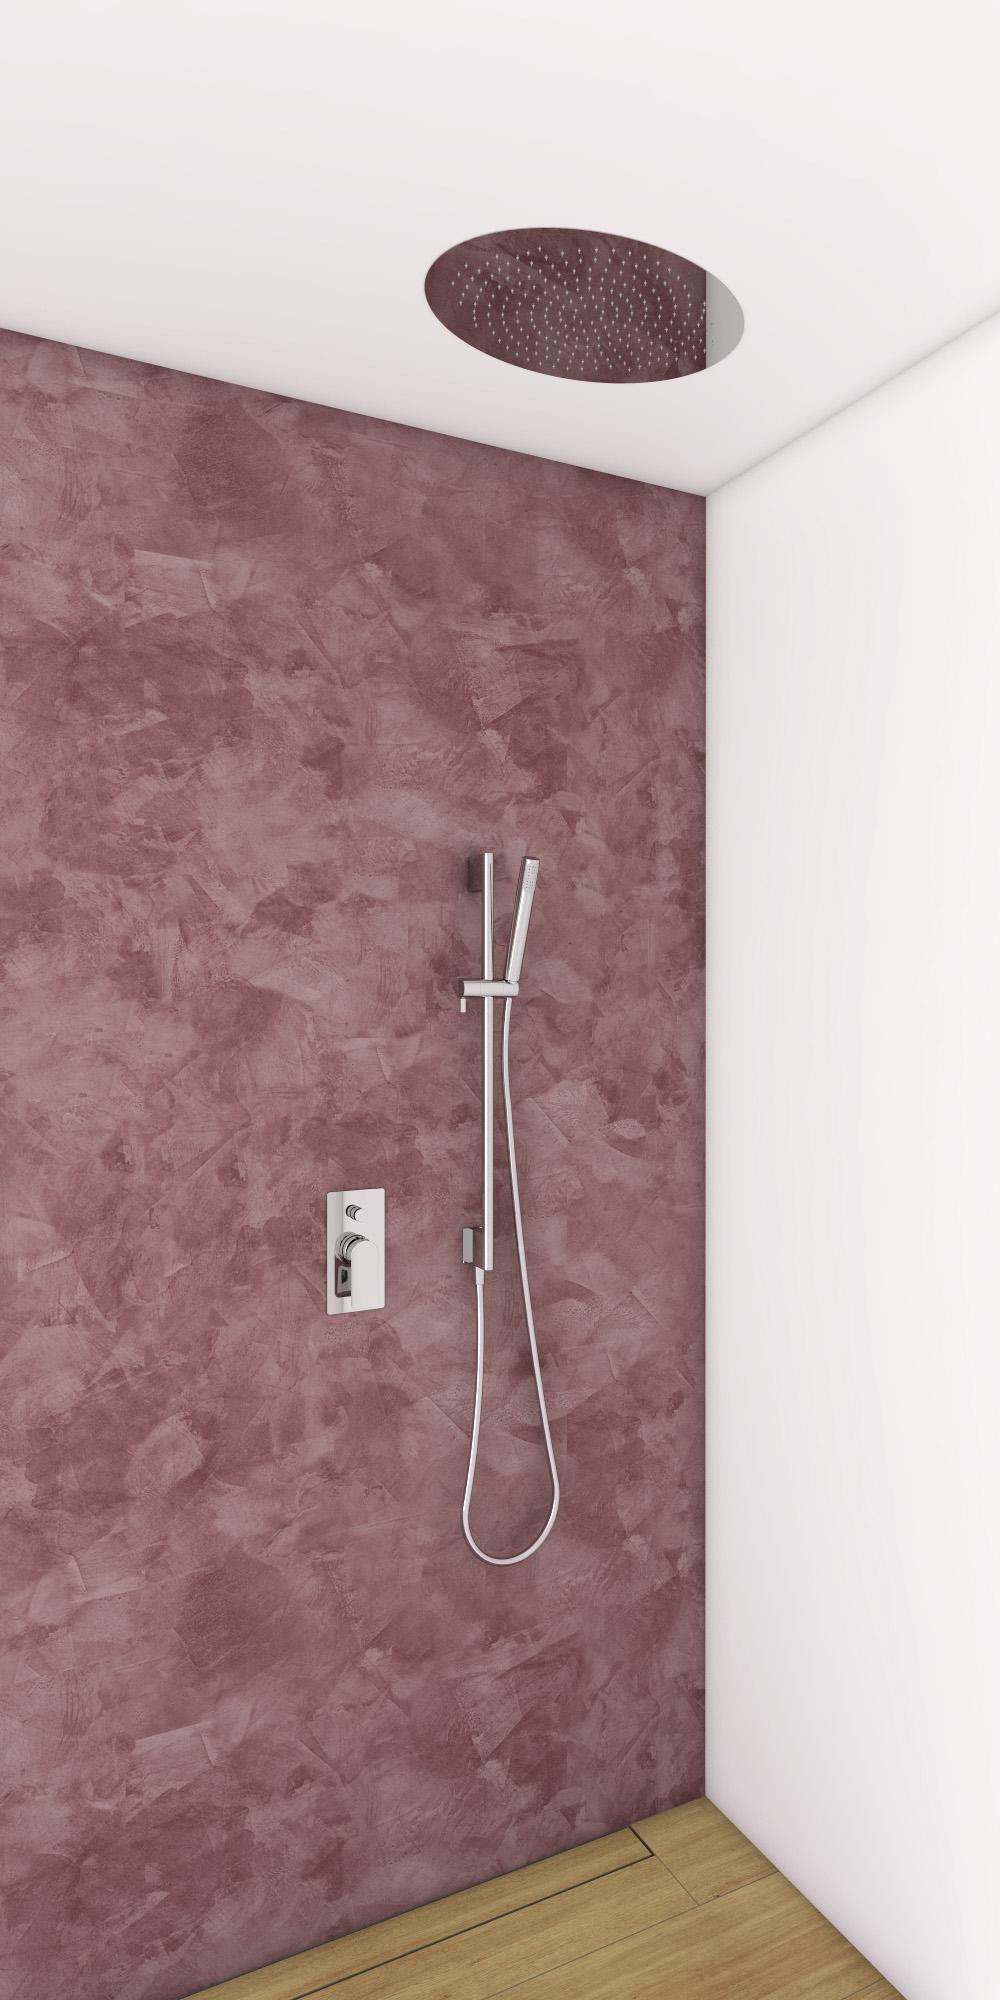 dusch set infinity hebel unterputz mit eingebautem duschkopf aus edelstahl 330x480mm und. Black Bedroom Furniture Sets. Home Design Ideas